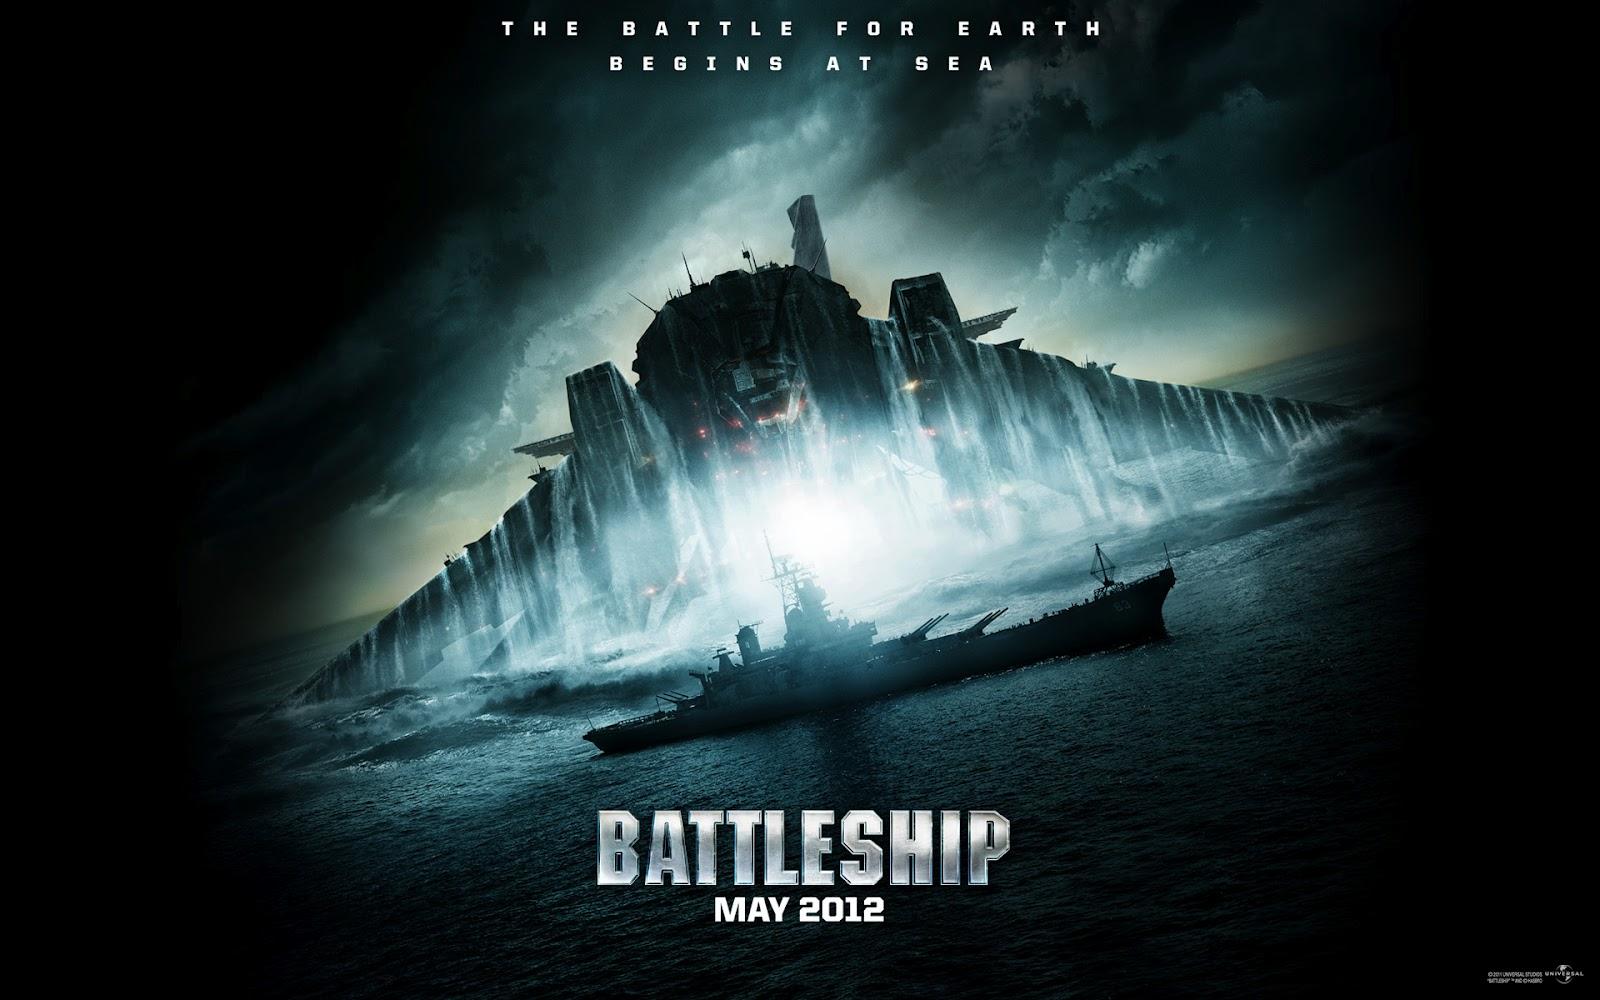 http://2.bp.blogspot.com/-_KyM7g2_F7I/T2t1oYLuitI/AAAAAAAAAC8/p1GW-xJmszI/s1600/Battleship-poster-e-foto-per-il-kolossal-ispirato-alla-battaglia-navale.jpg